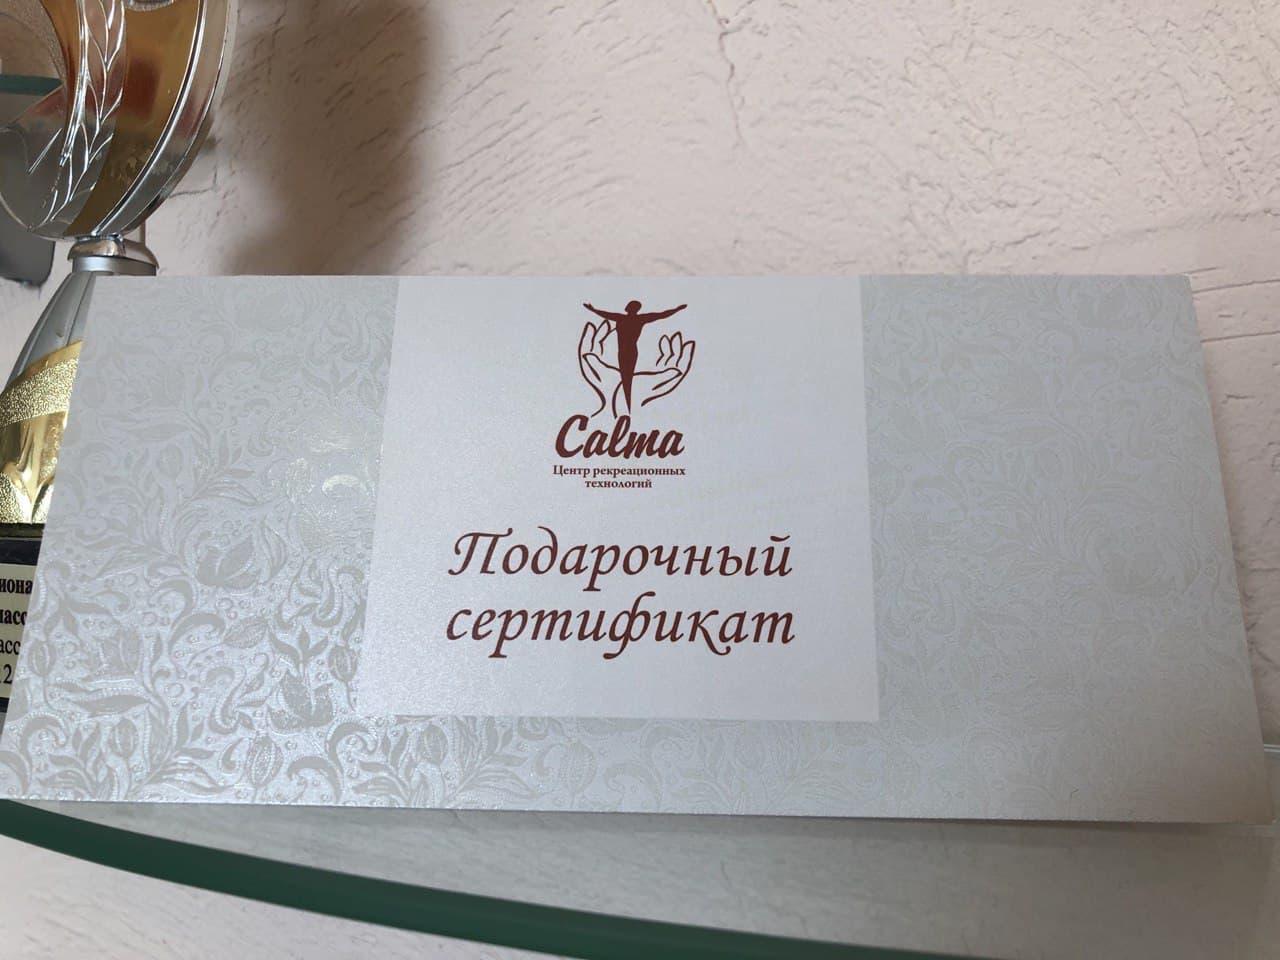 Подарочный сертификат «Calma»